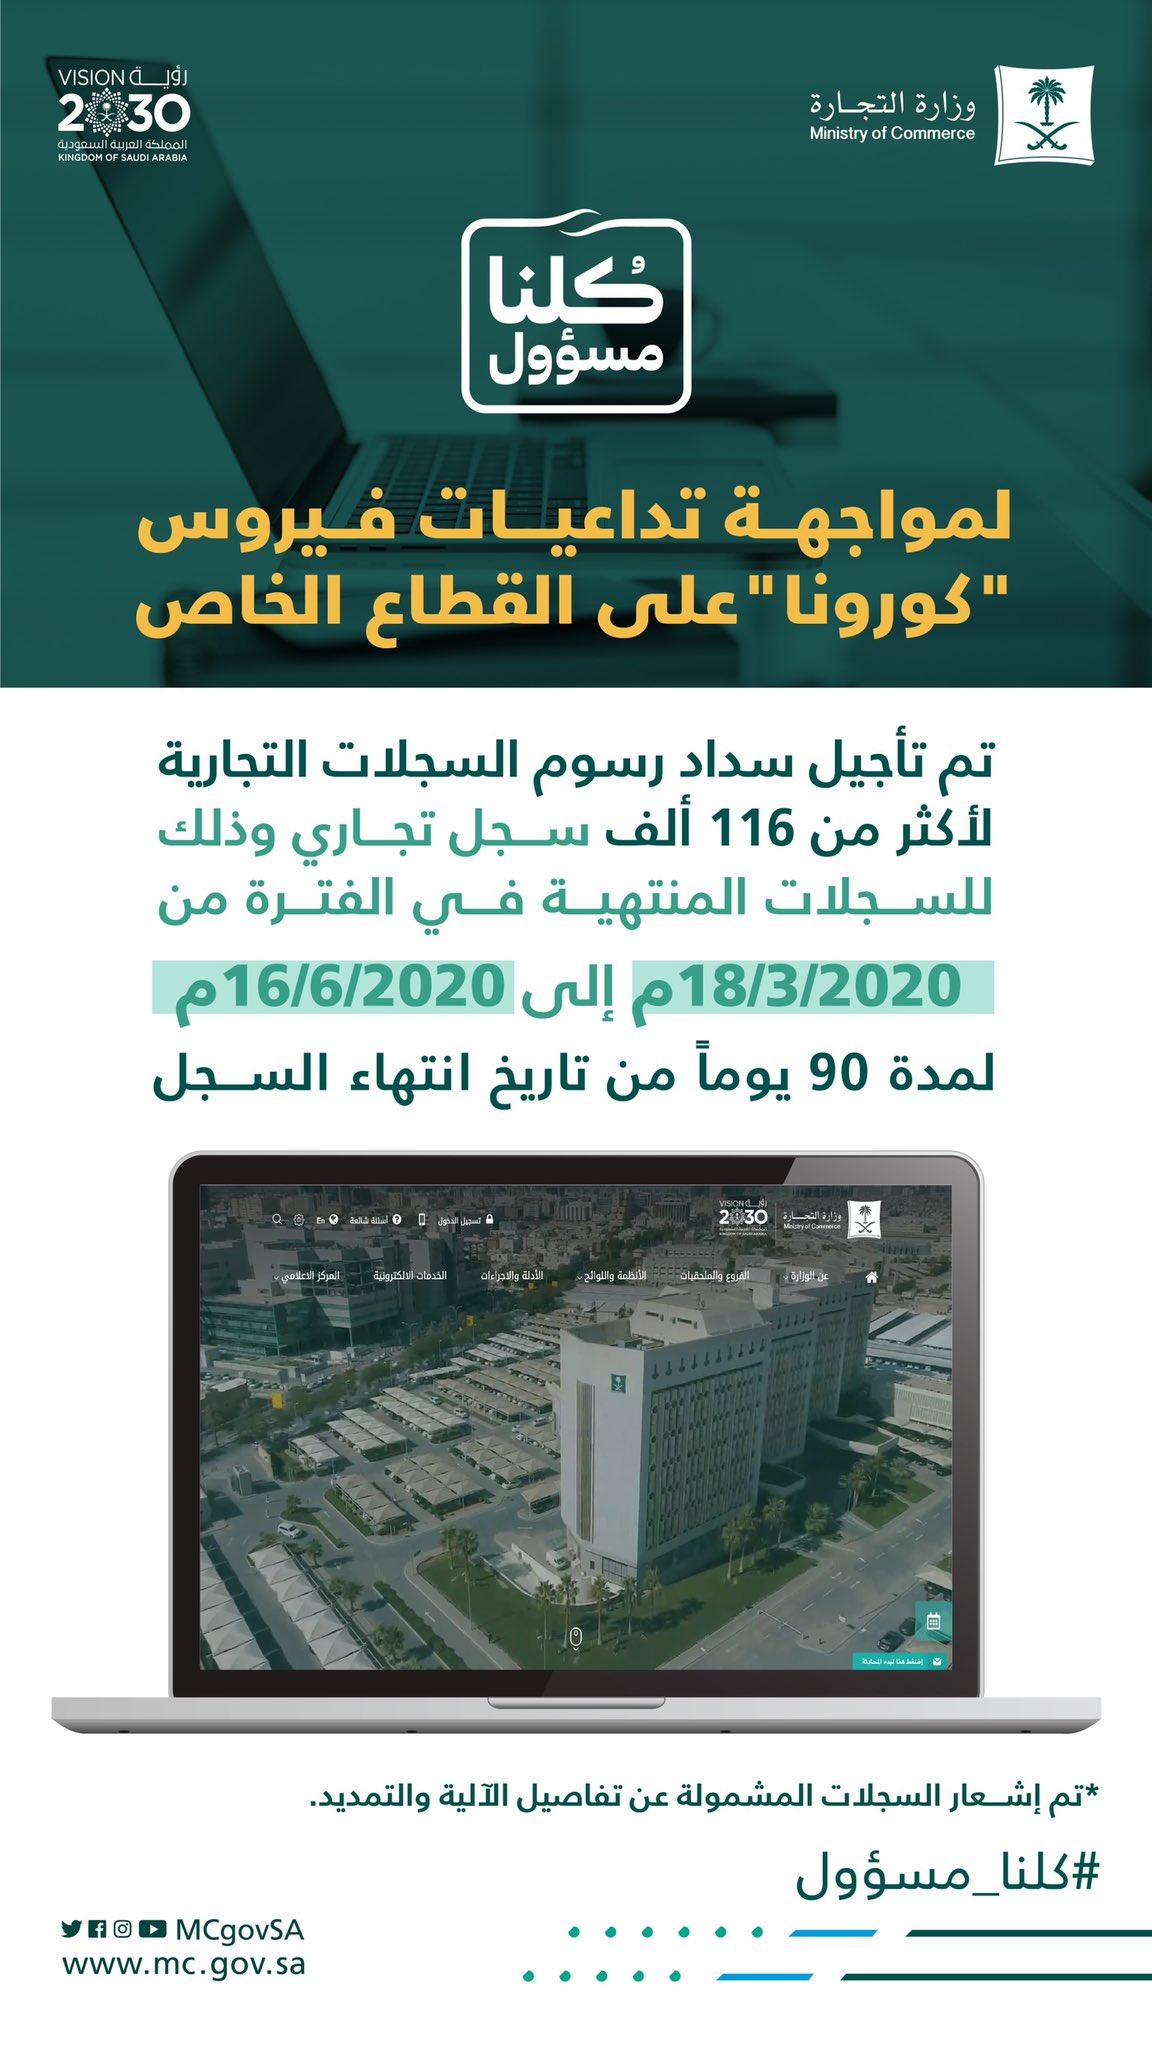 السعودية تأجيل سداد رسوم السجلات التجارية لمدة 3 أشهر معلومات مباشر